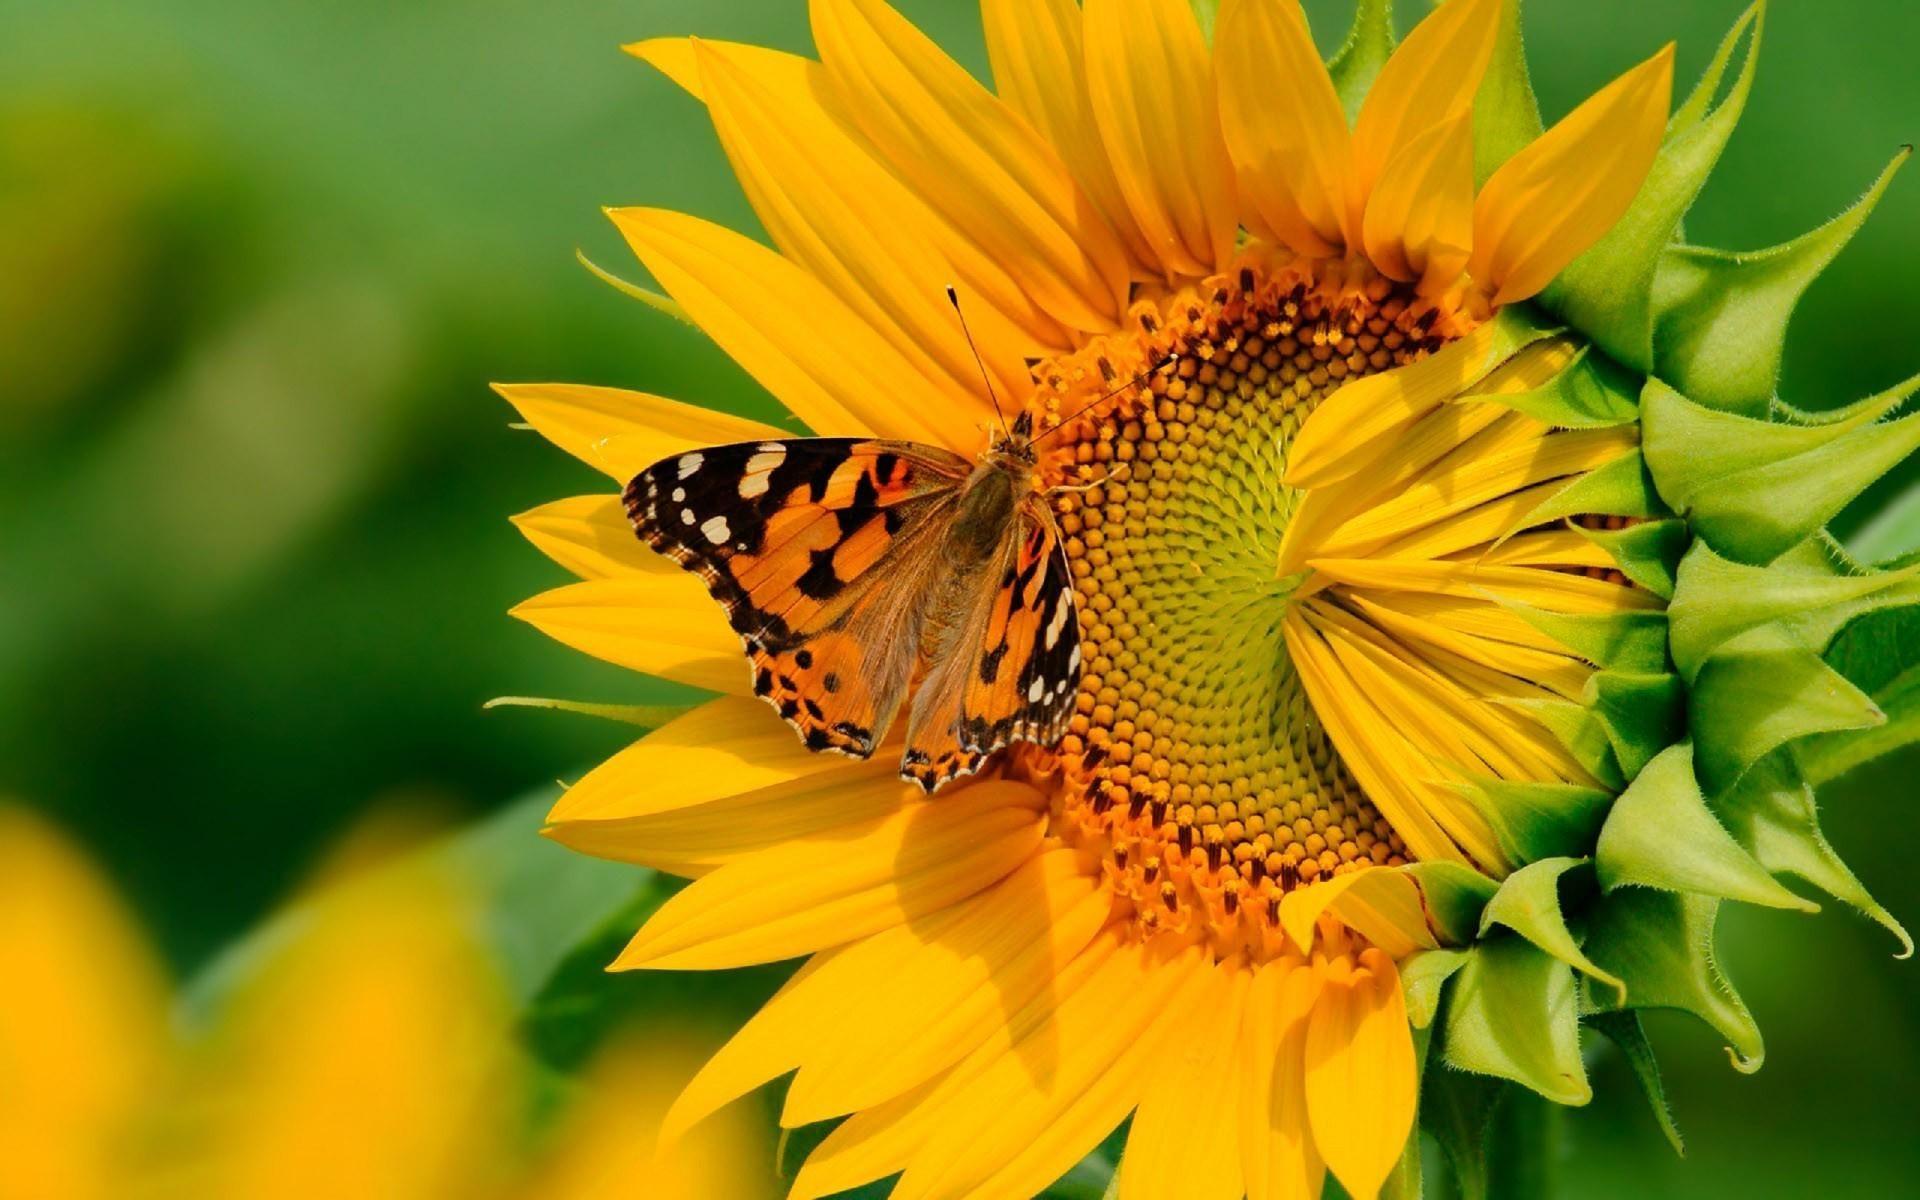 Animals Sunflower Butterfly on a sunflower Butterfly HD